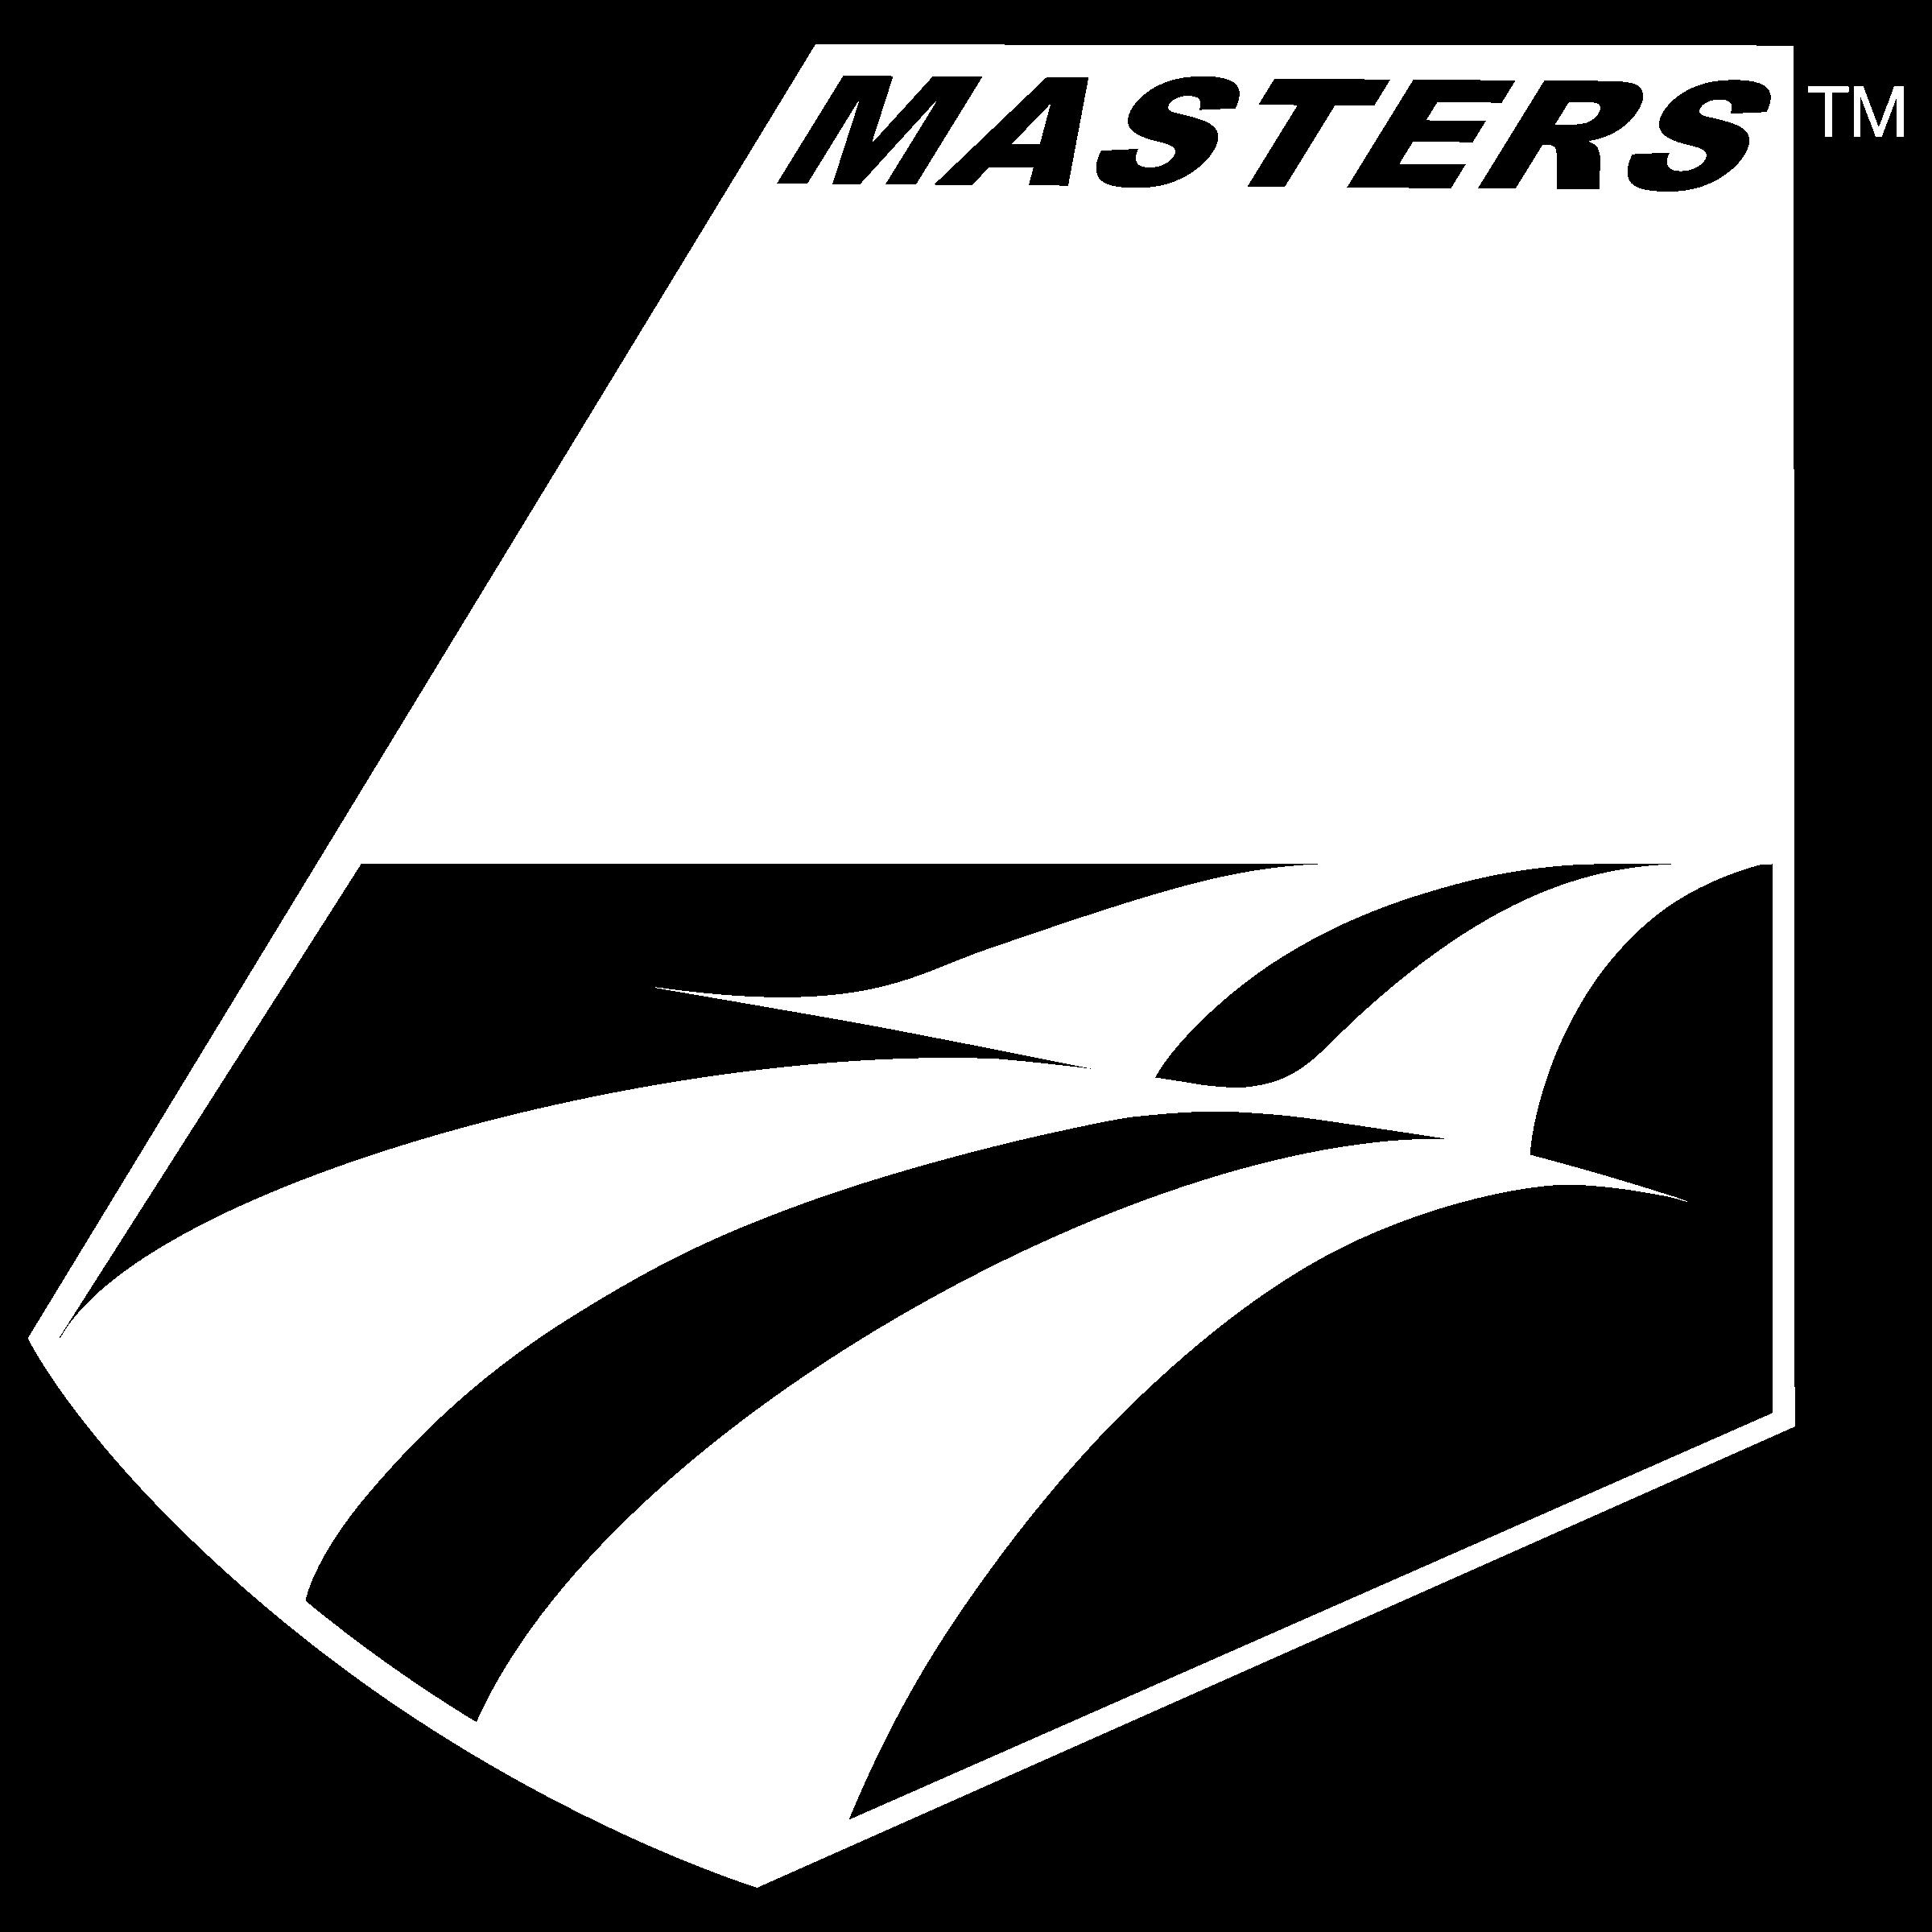 US Ski Team Masters Logo PNG Transparent & SVG Vector.